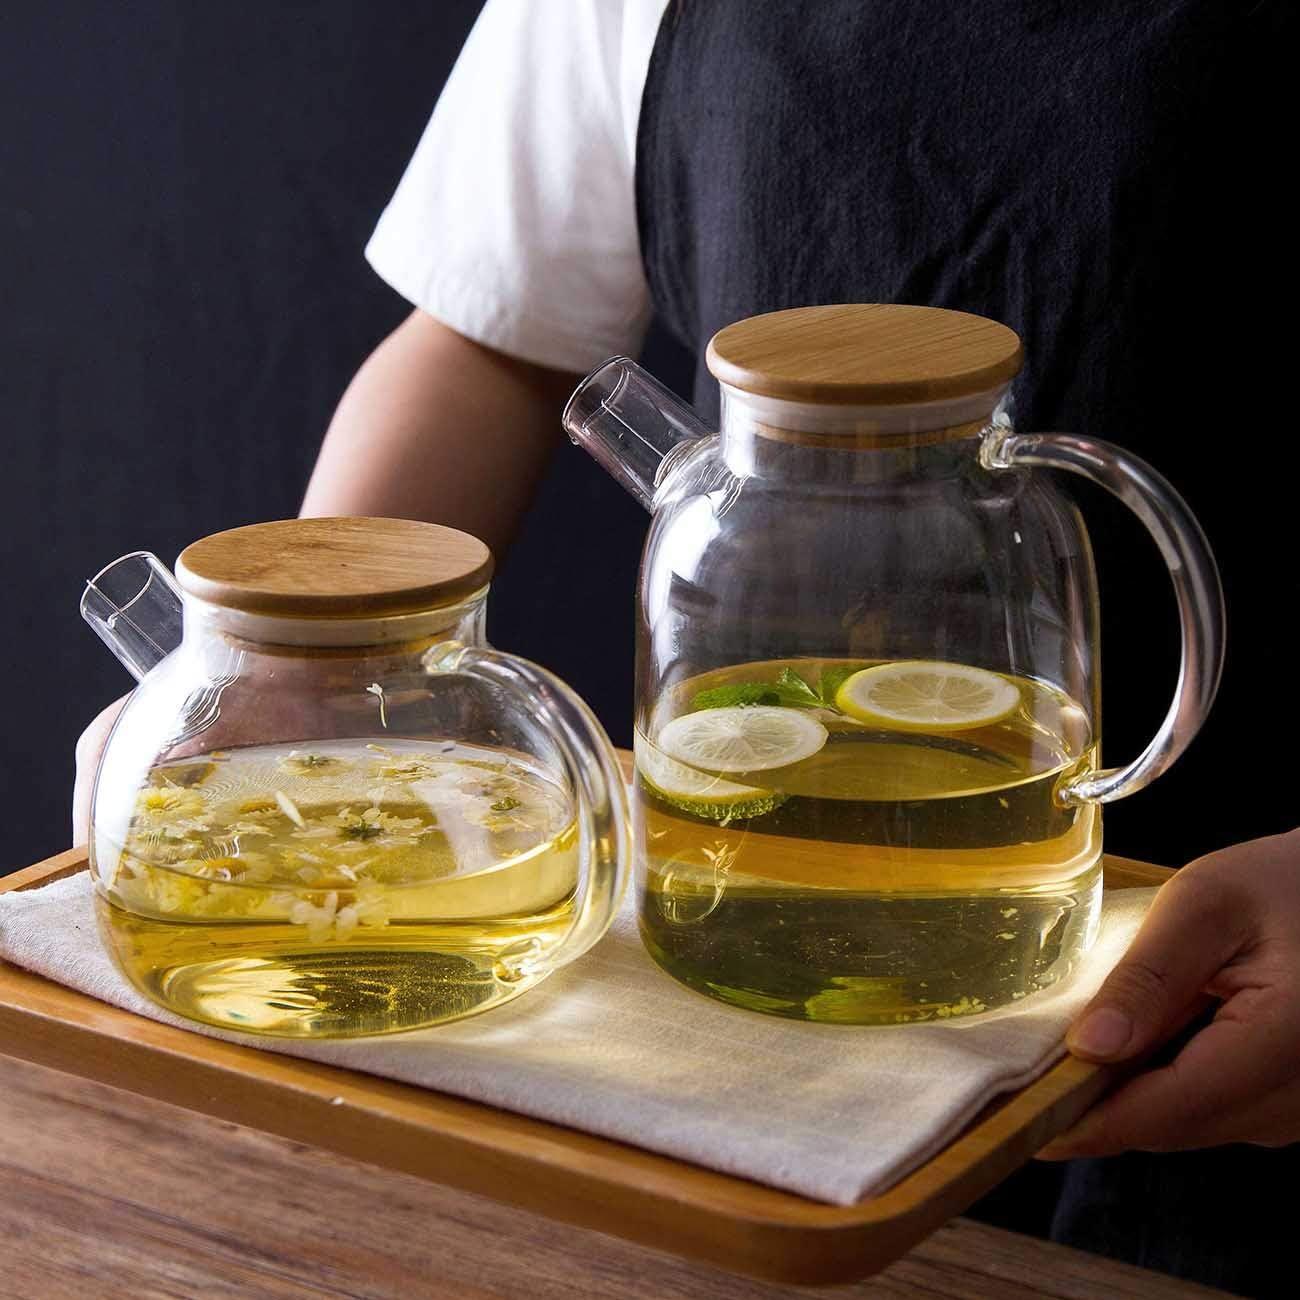 caja fuerte en la cocina 1000ML Tetera de vidrio con filtro de bobina de alambre desmontable para t/é suelto caldera de jarra de jarra de jarra de agua caliente//fr/ía resistente al calor